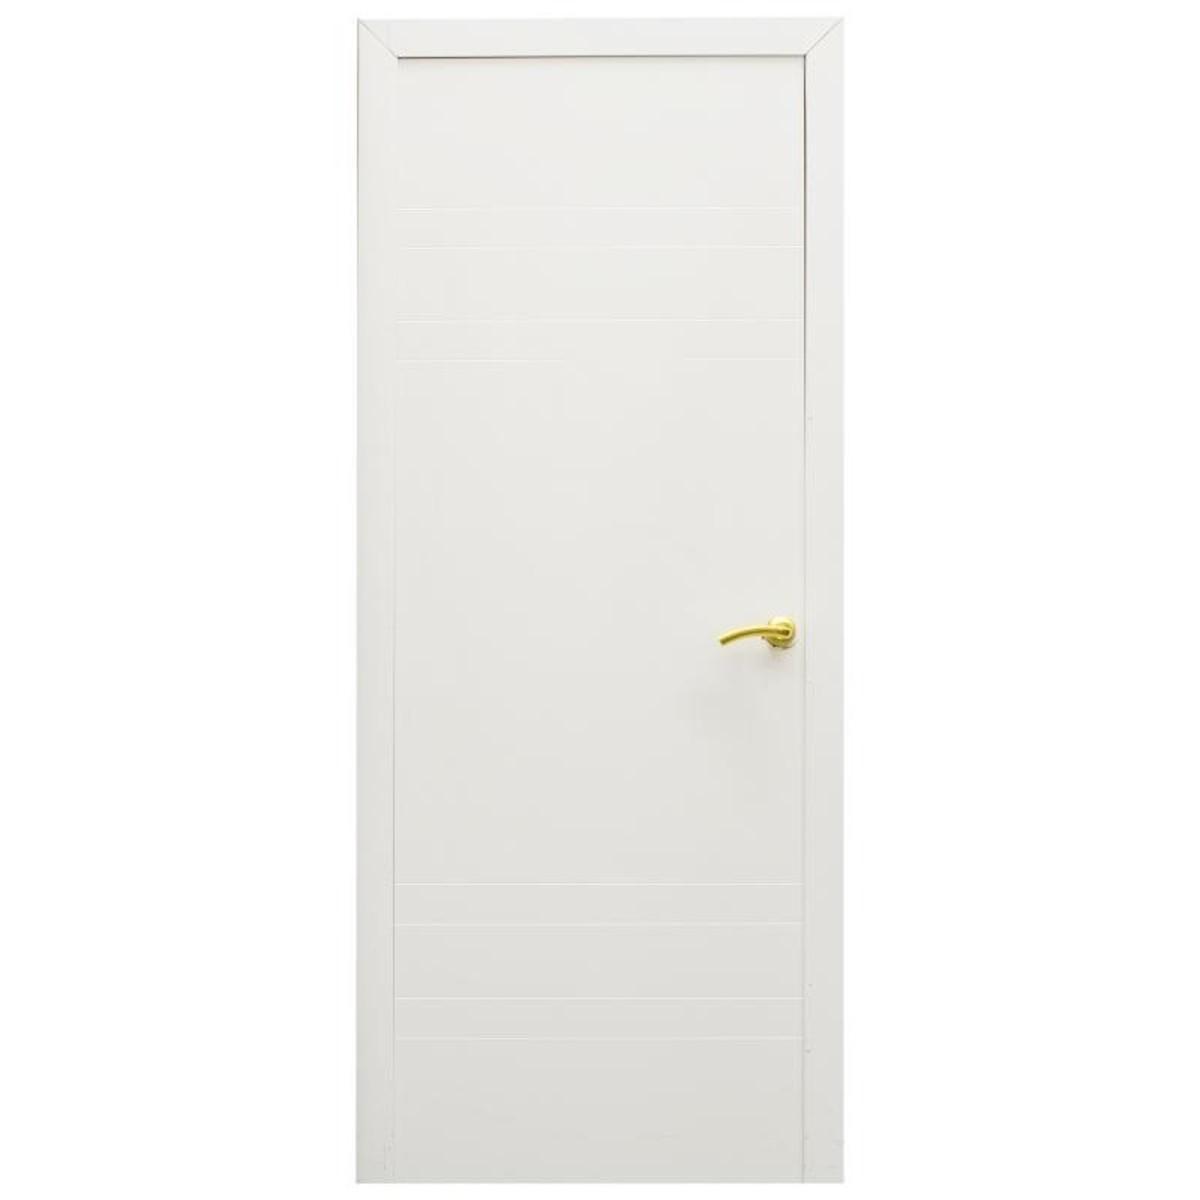 Дверь Межкомнатная Глухая Модерн 80x200 Ламинация Цвет Белый